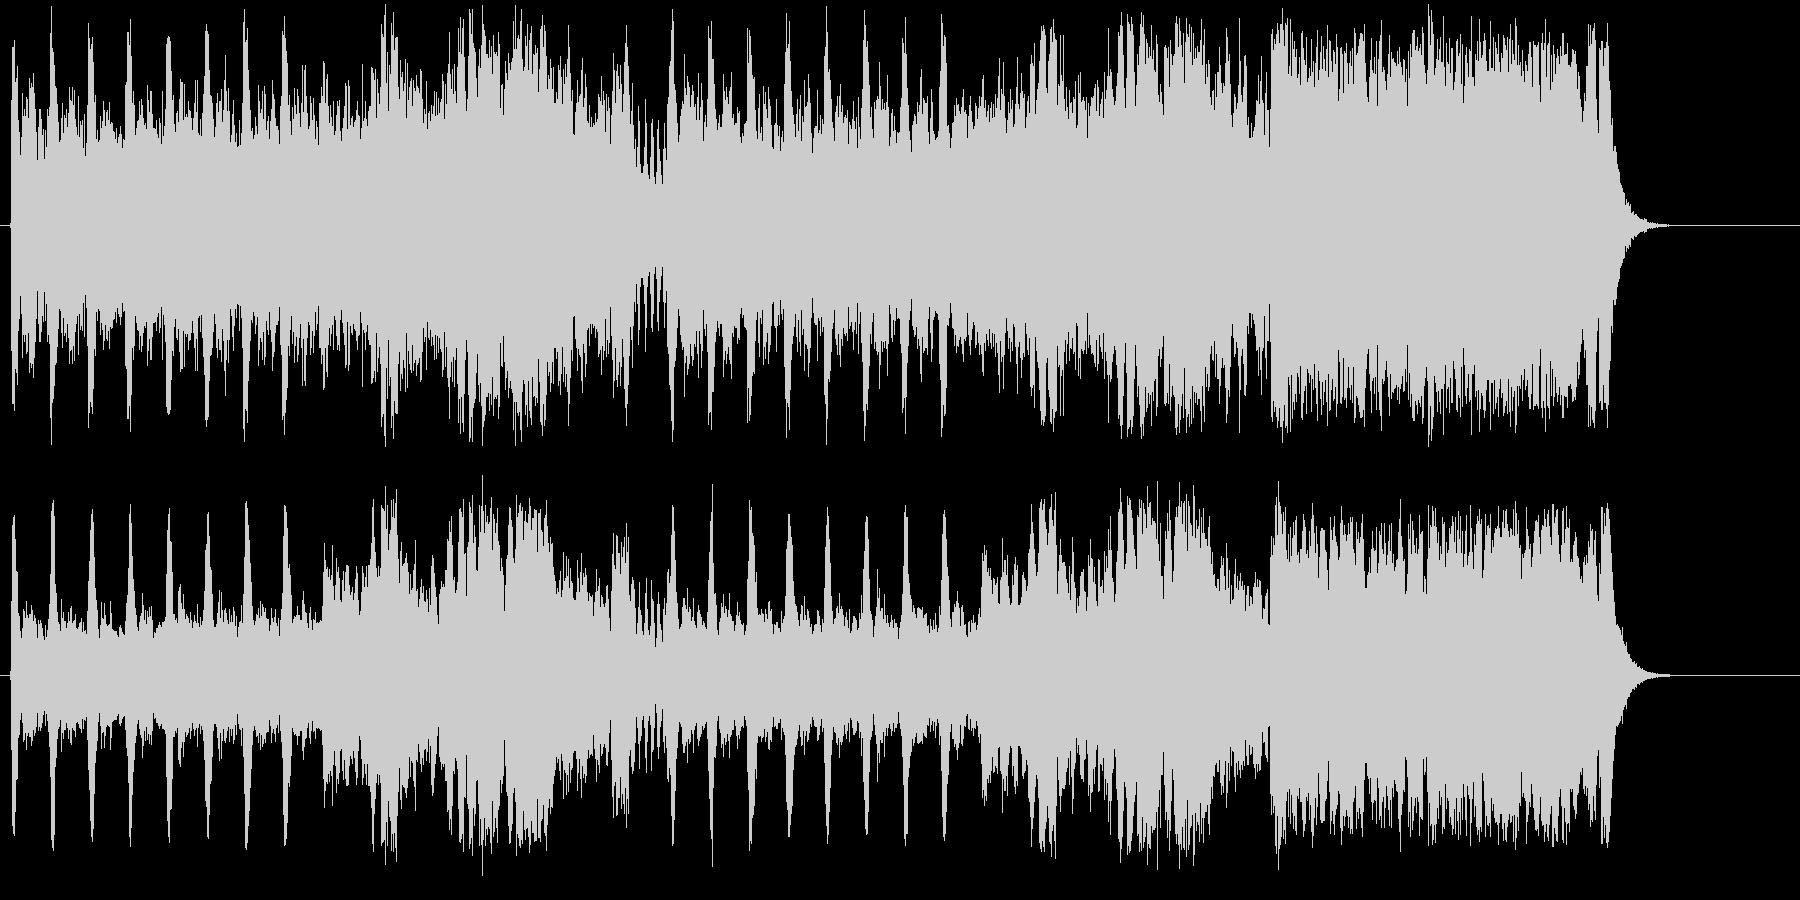 壮大に奏でられたオーケストラ・サウンドの未再生の波形